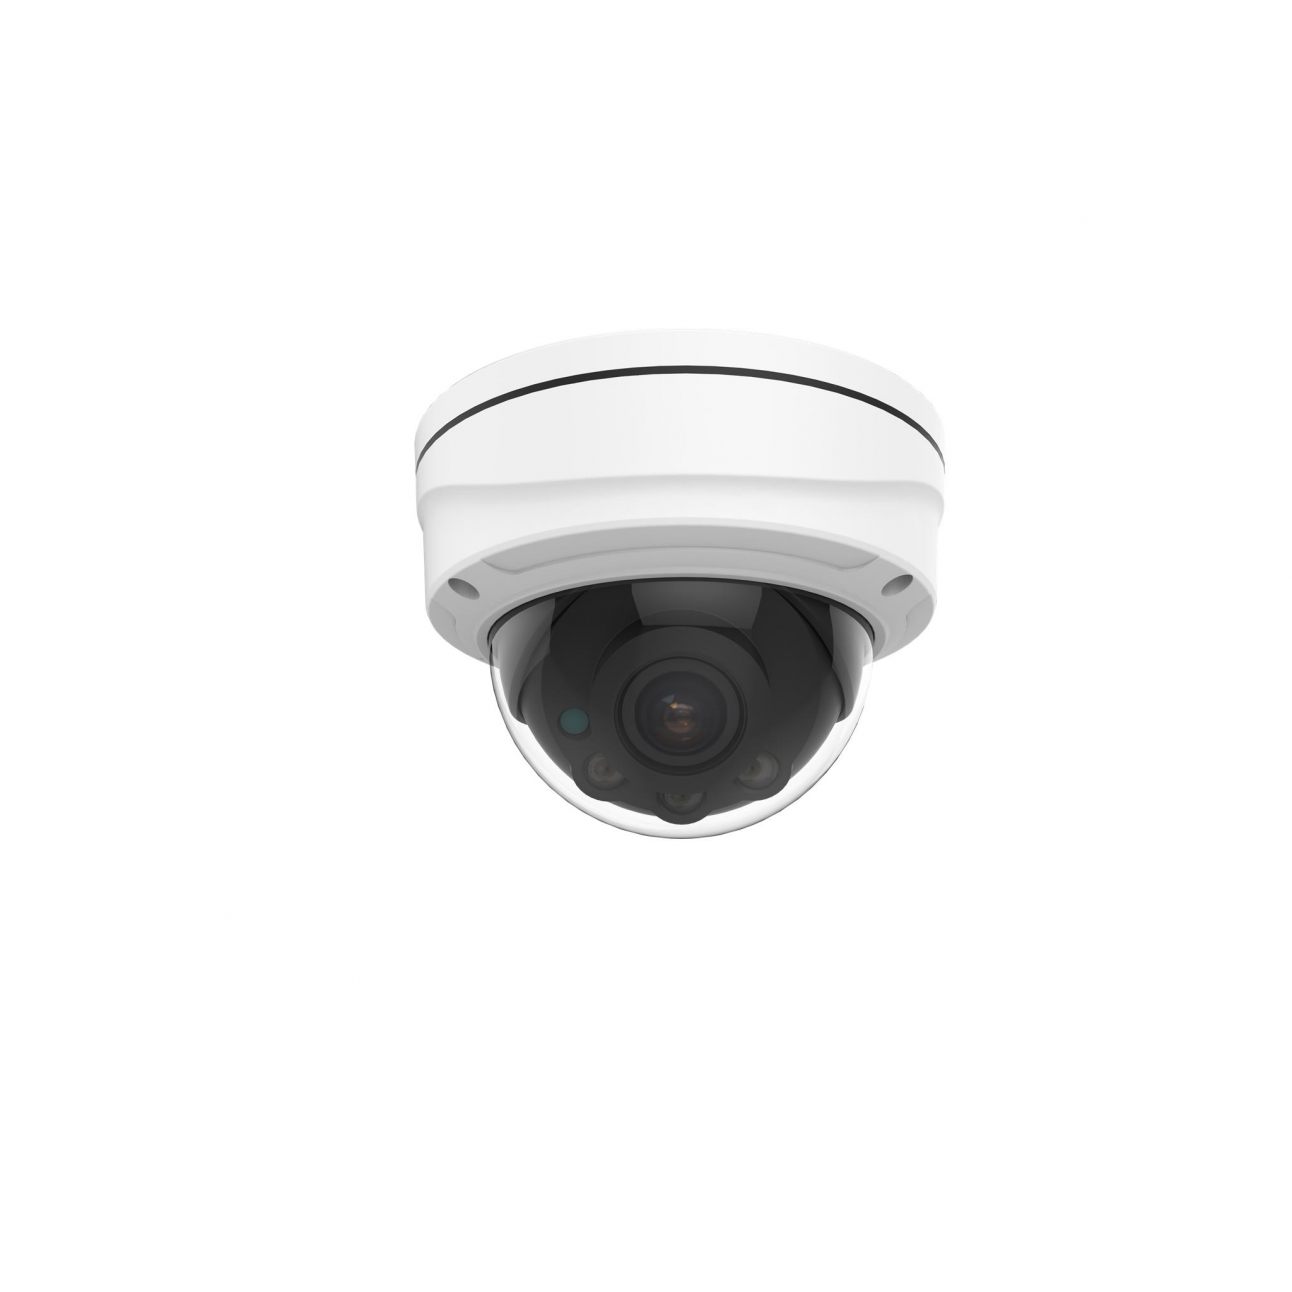 IP-камера уличная антивандальная купольная XNV-6080P